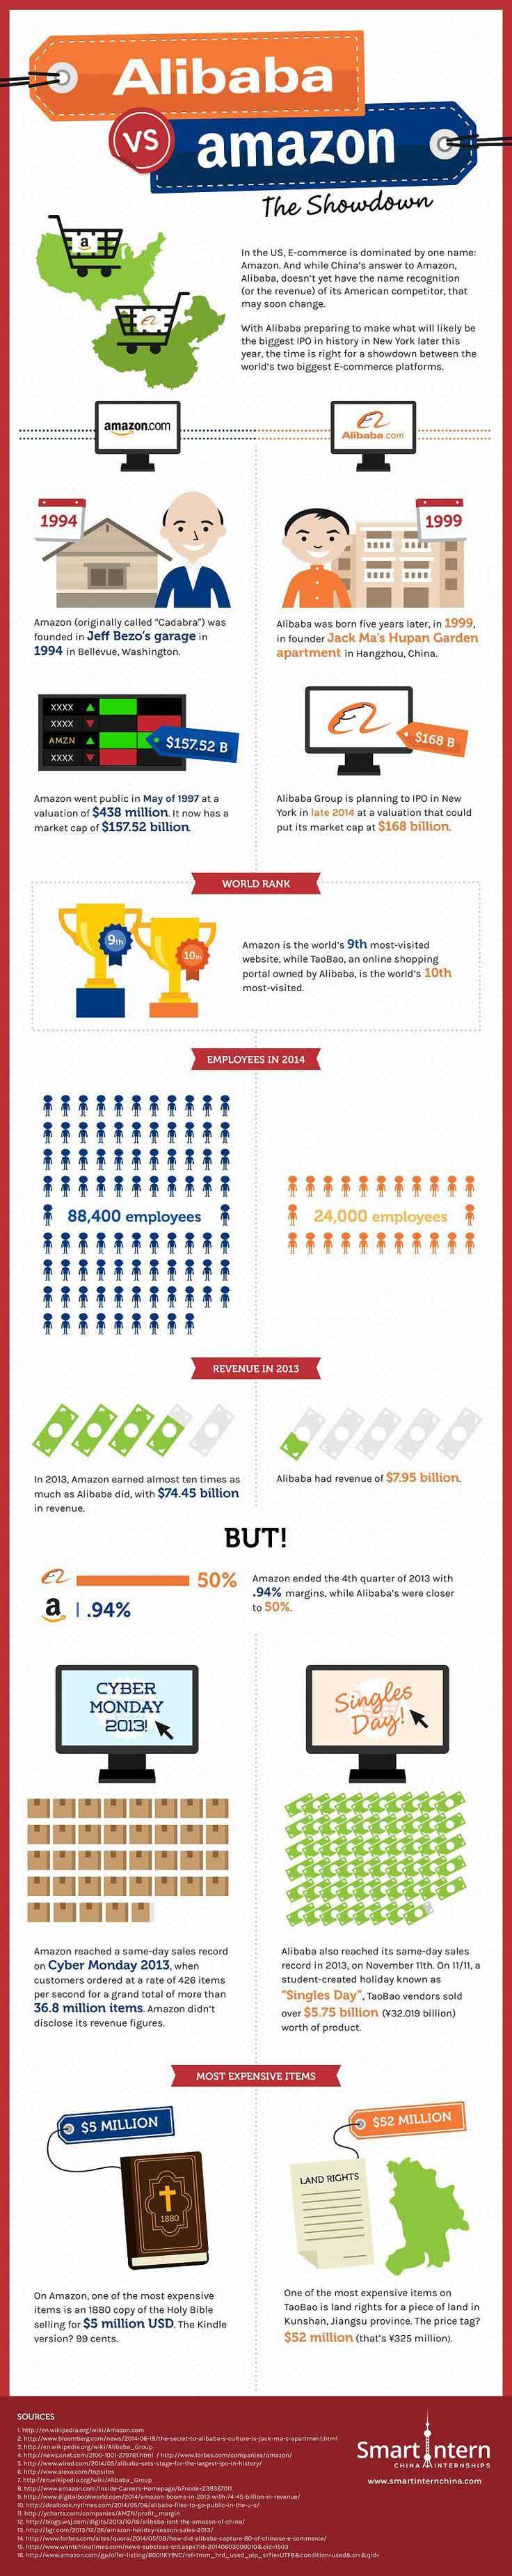 Los reyes del e-commerce: Alibaba vs Amazon (Infografía)